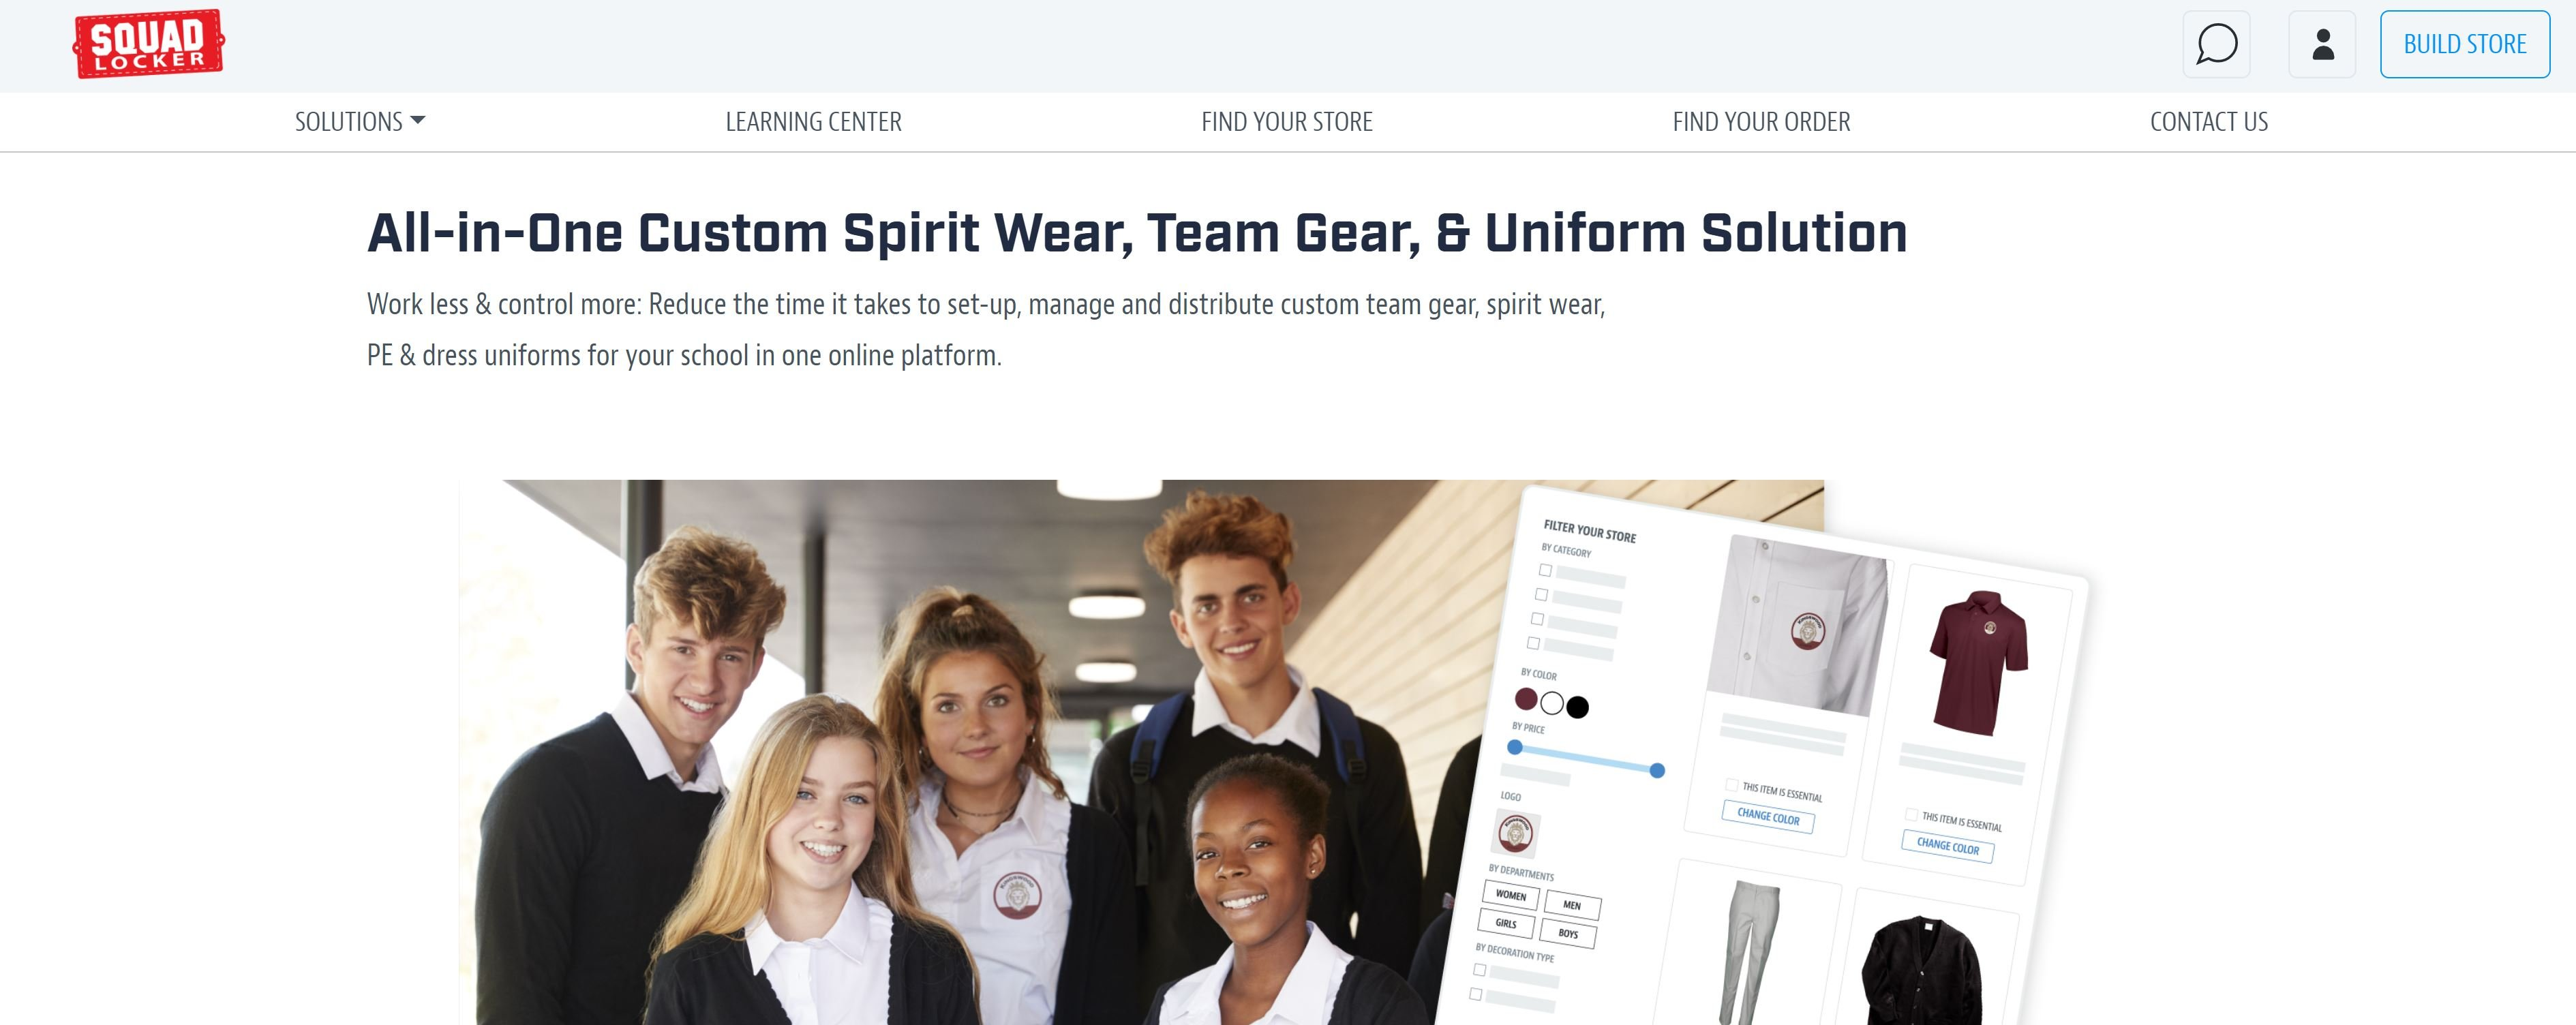 SquadLocker - Online custom apparel